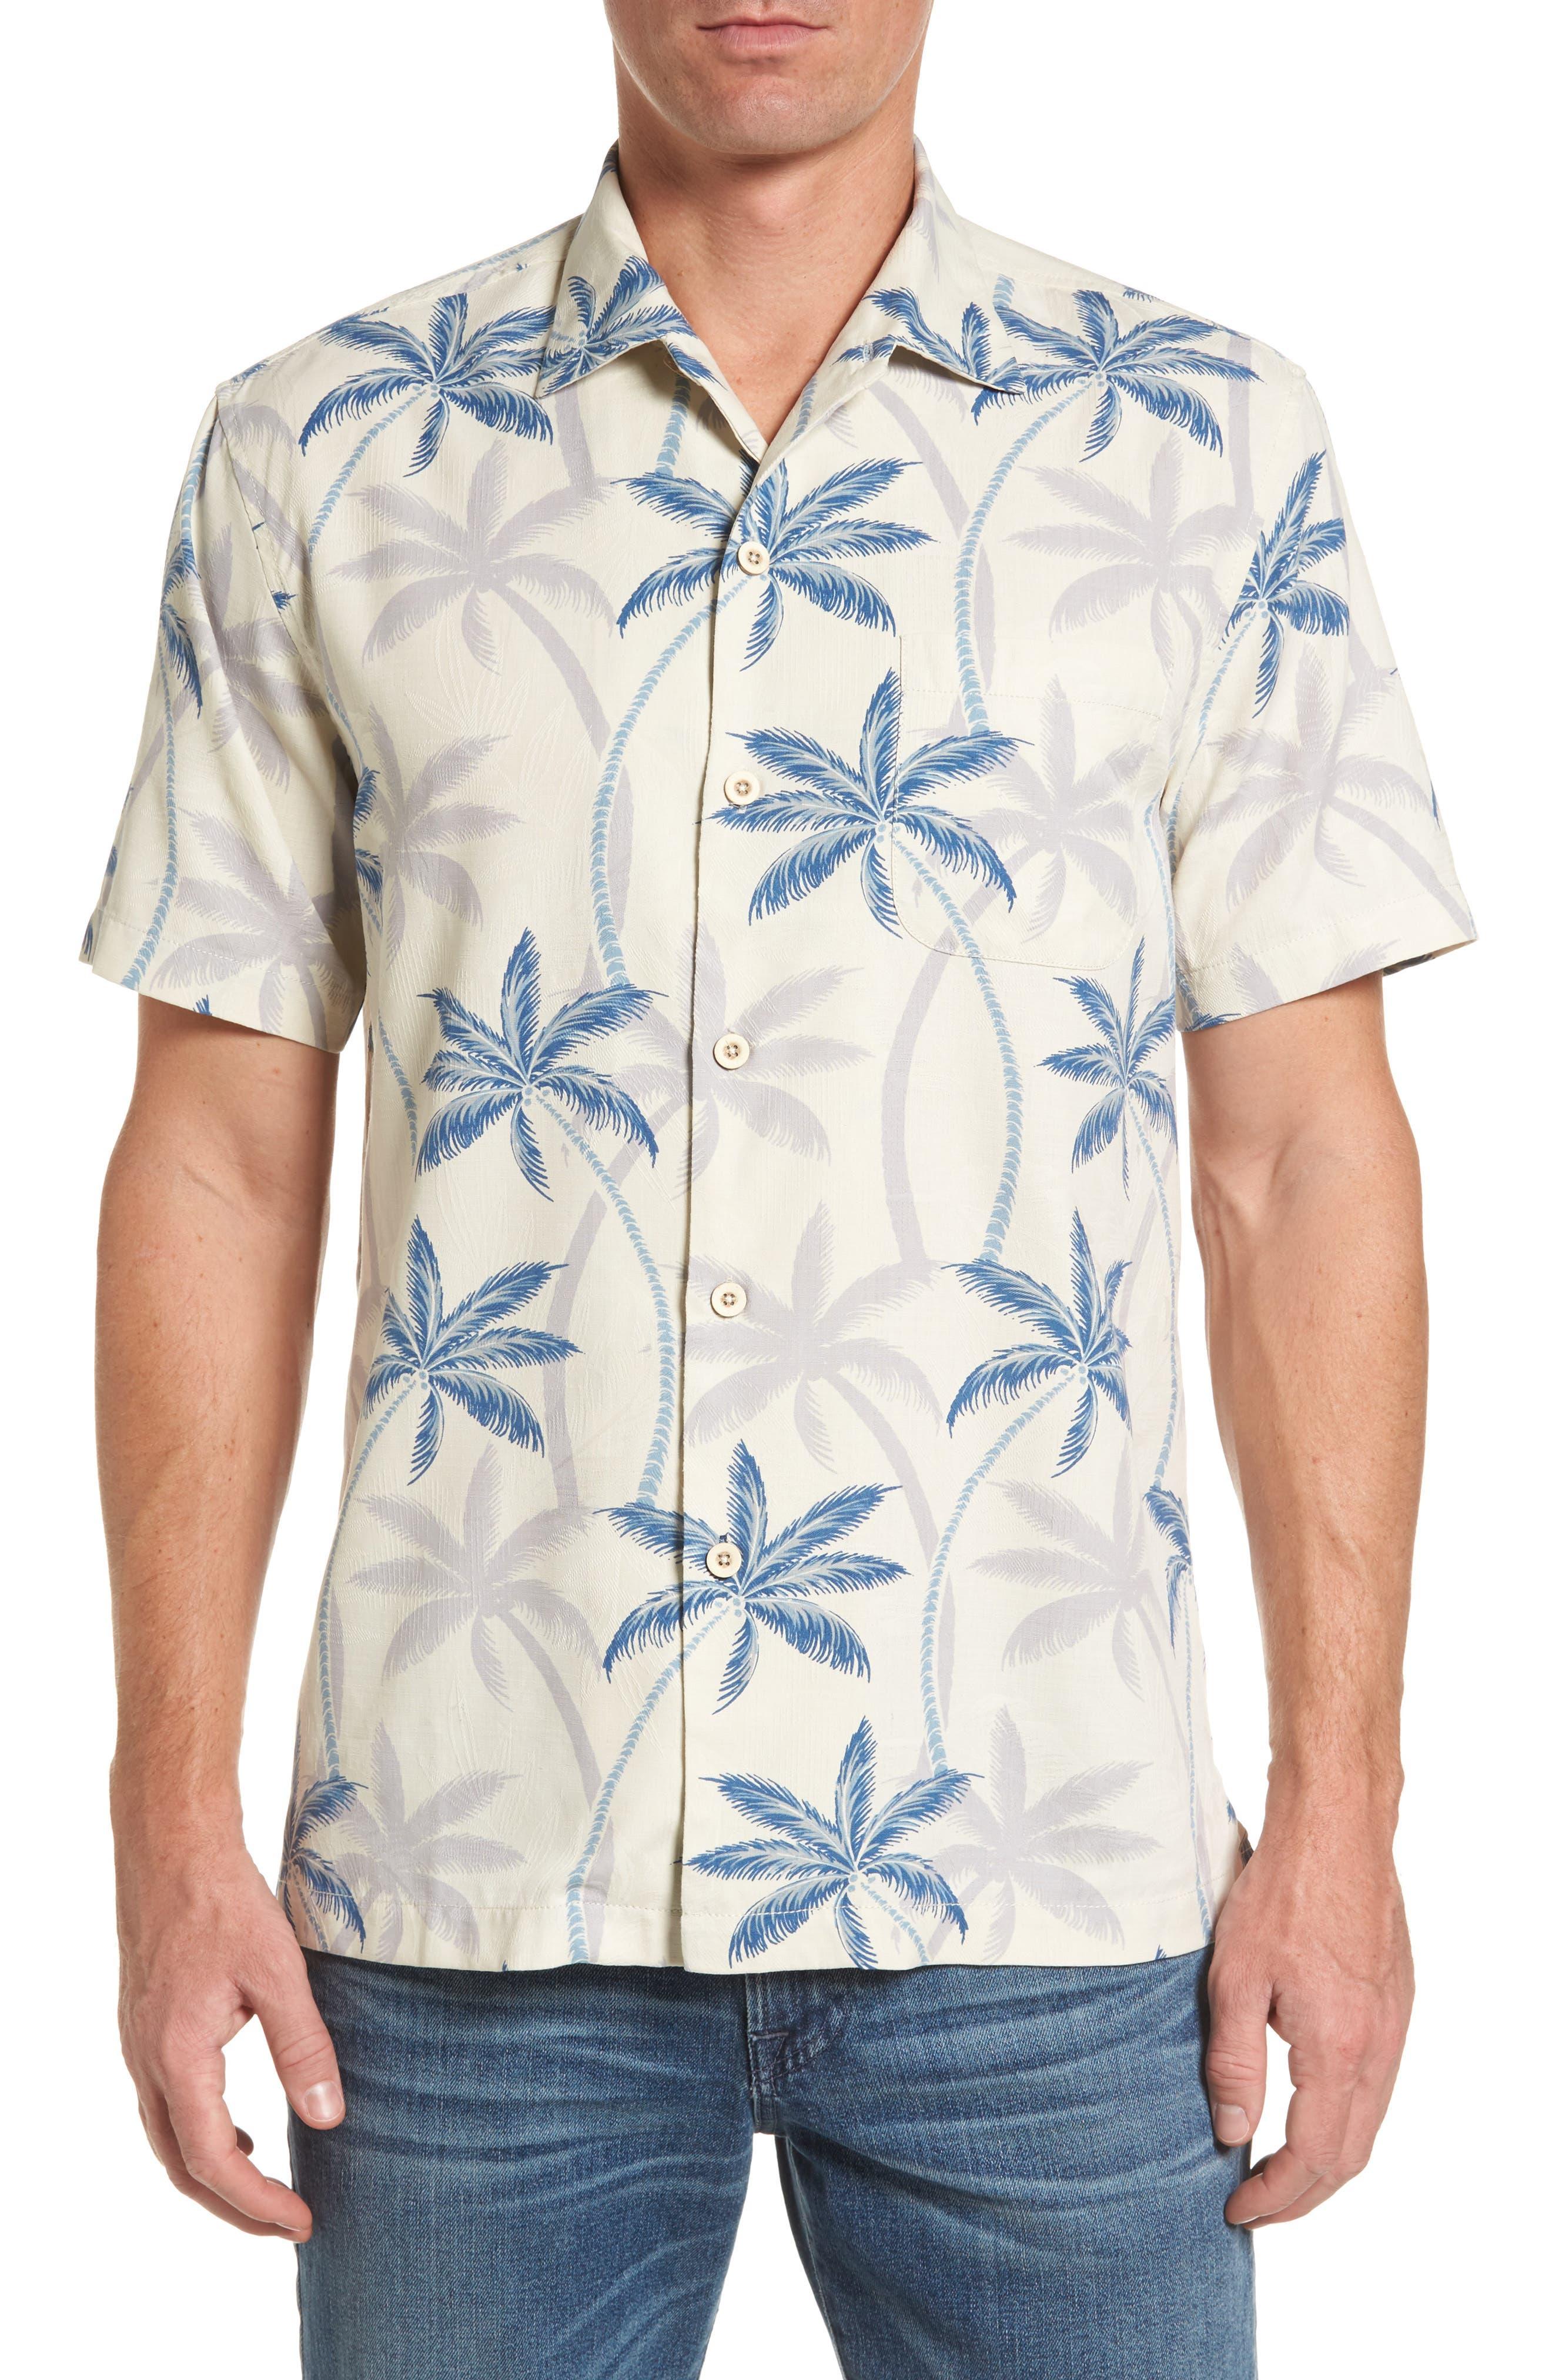 Palmas Palooza Woven Shirt,                         Main,                         color, Continental